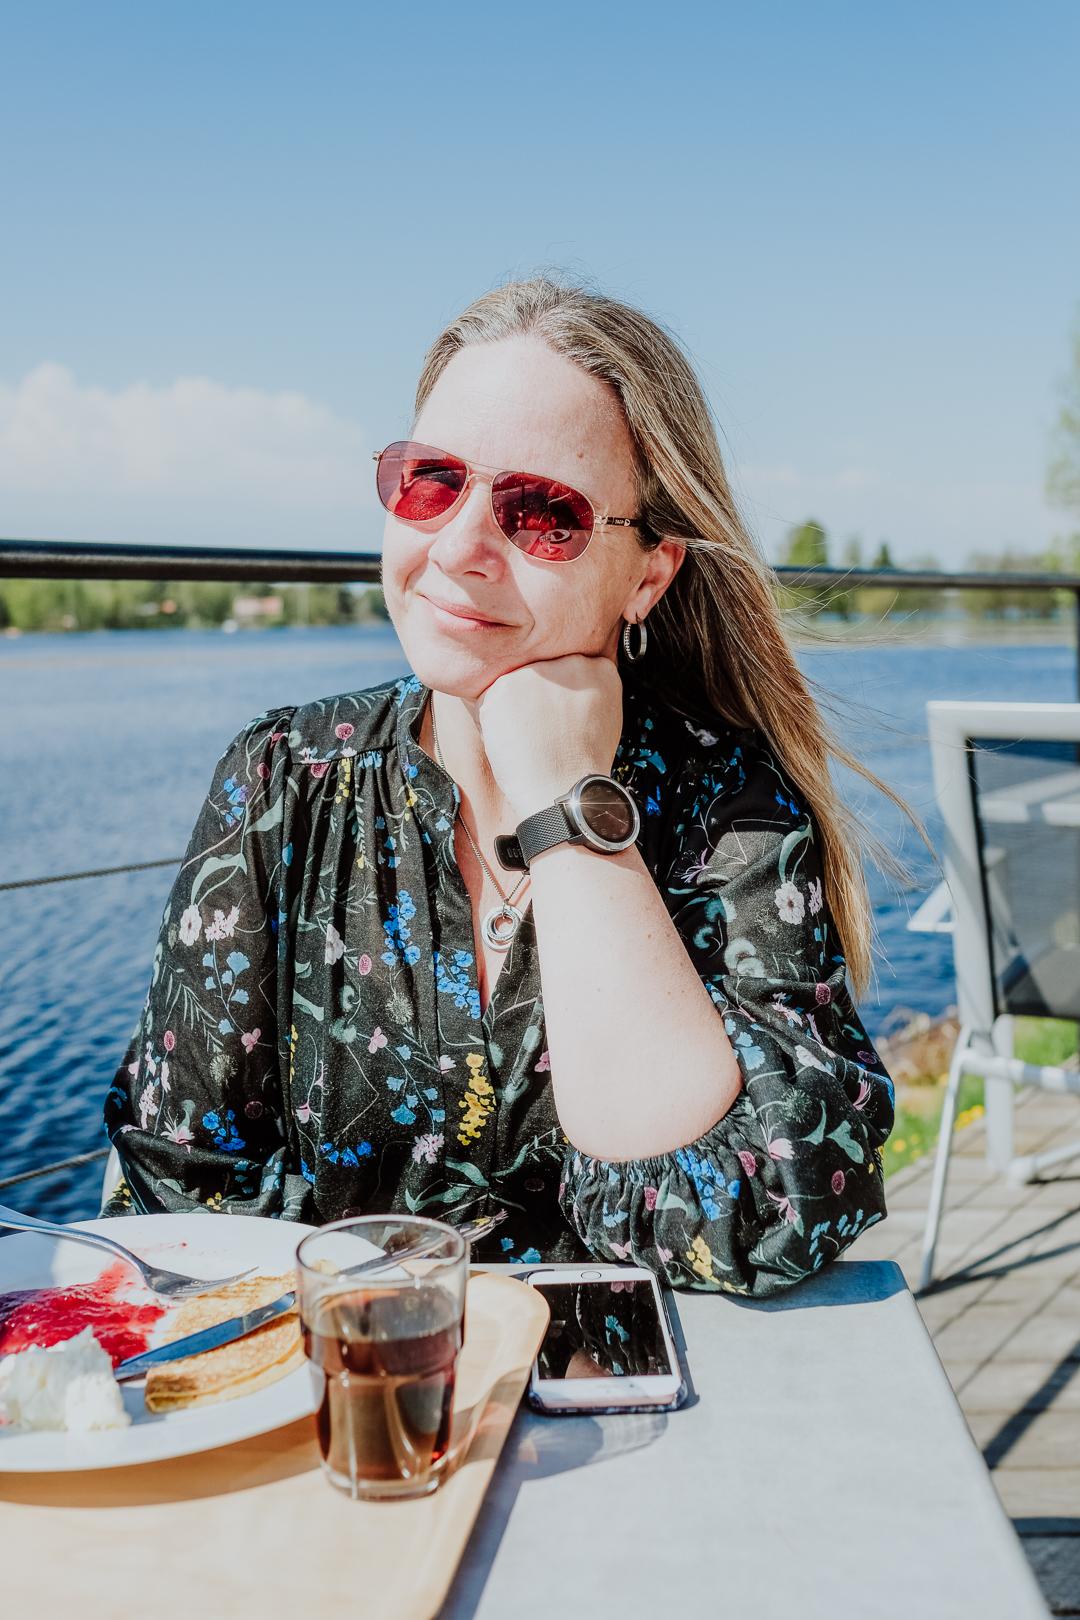 gysinge bruksmiljö och café udden före promenad vid ingbo källor : svenska resebloggar : kvinnliga äventyrare : nordic travelbloggers